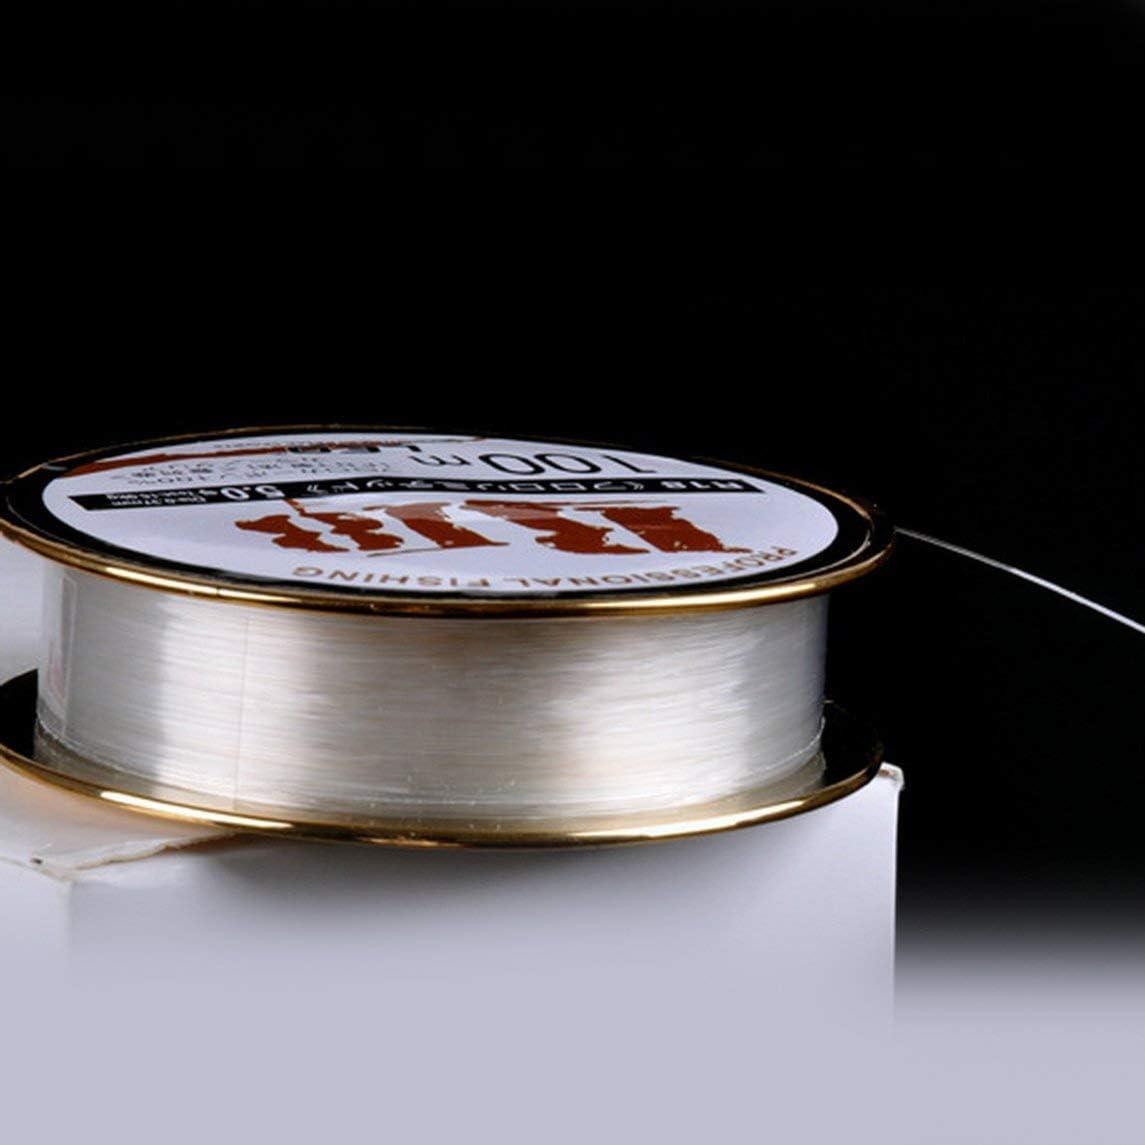 fgdjfhsdfgsdfh Angelschnur 100 m 8 Str/änge geflochten Multifilament Seil 100/% PE geflochten Multifilament Angelschnur